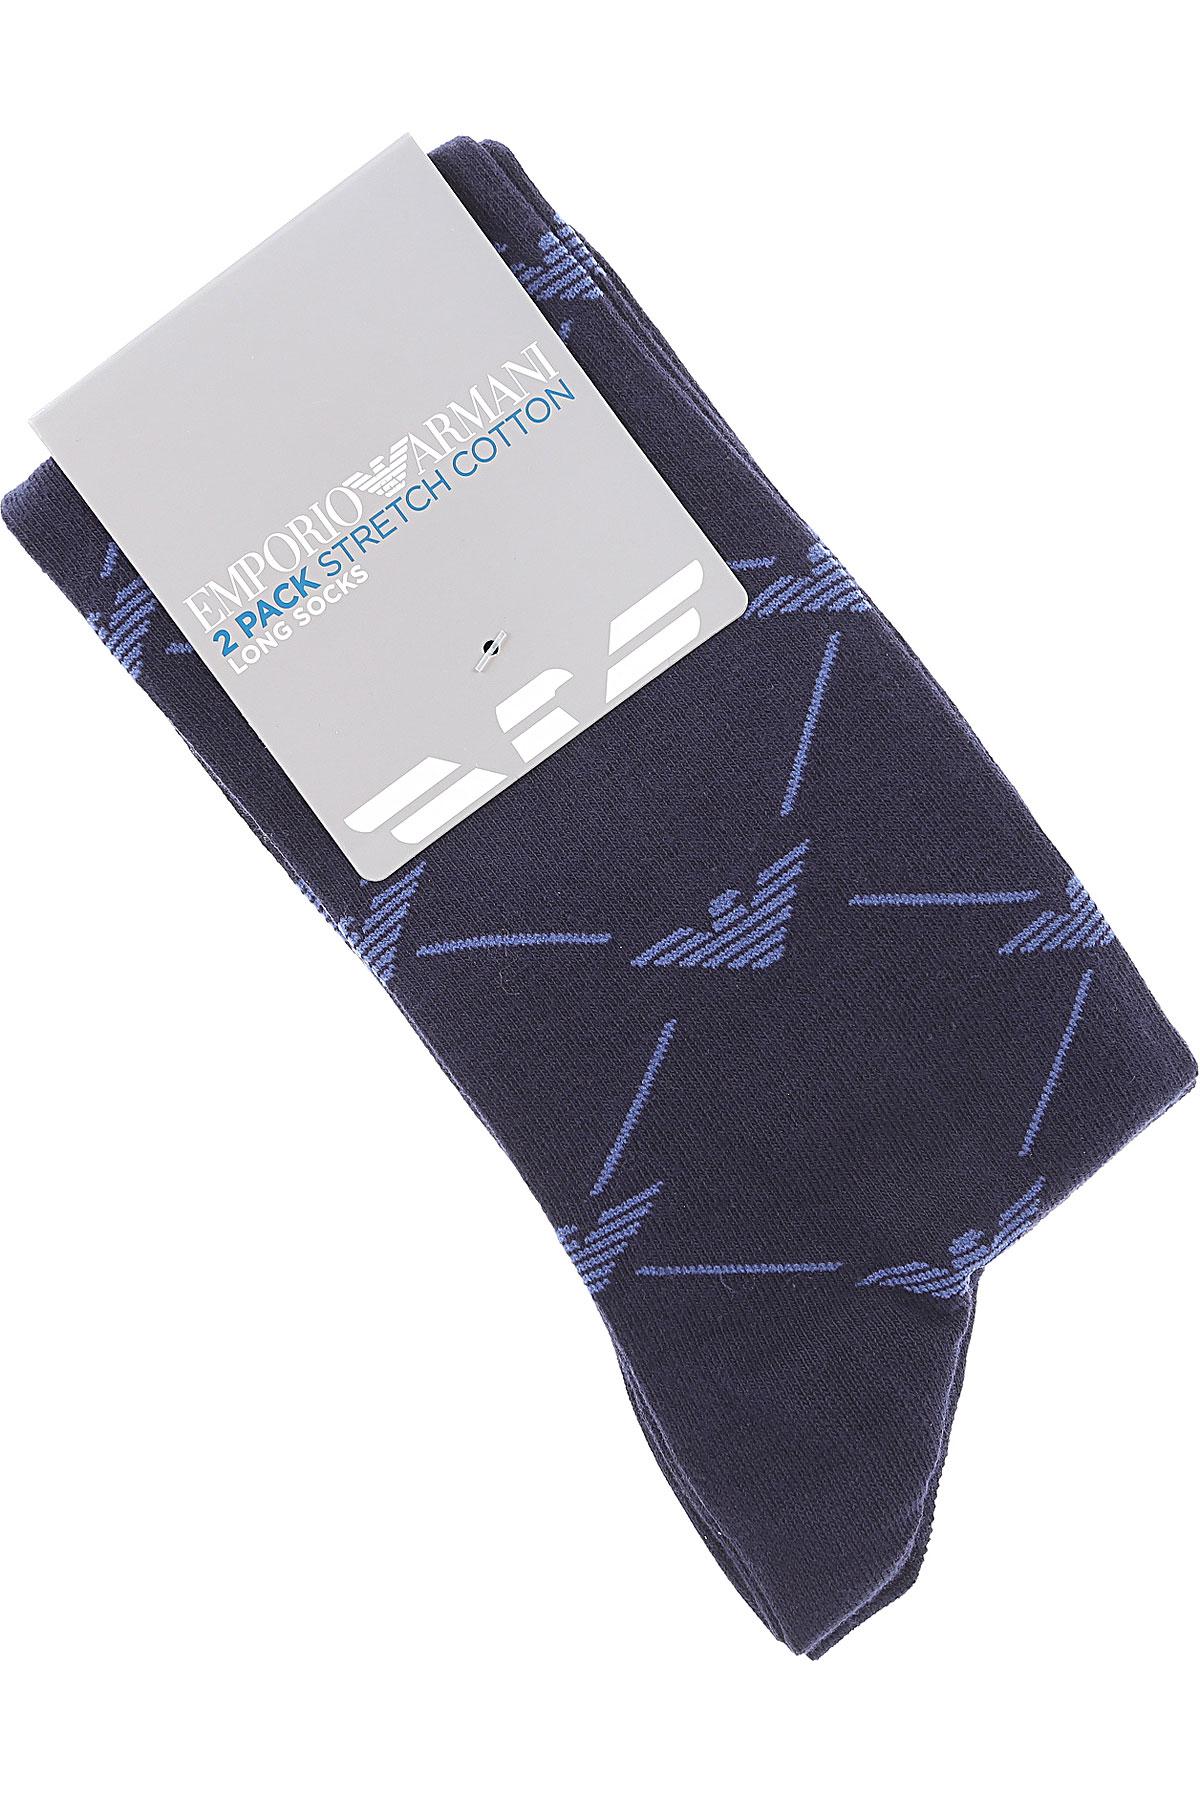 Emporio Armani Socks Socks for Men On Sale, Black, Cotton, 2019